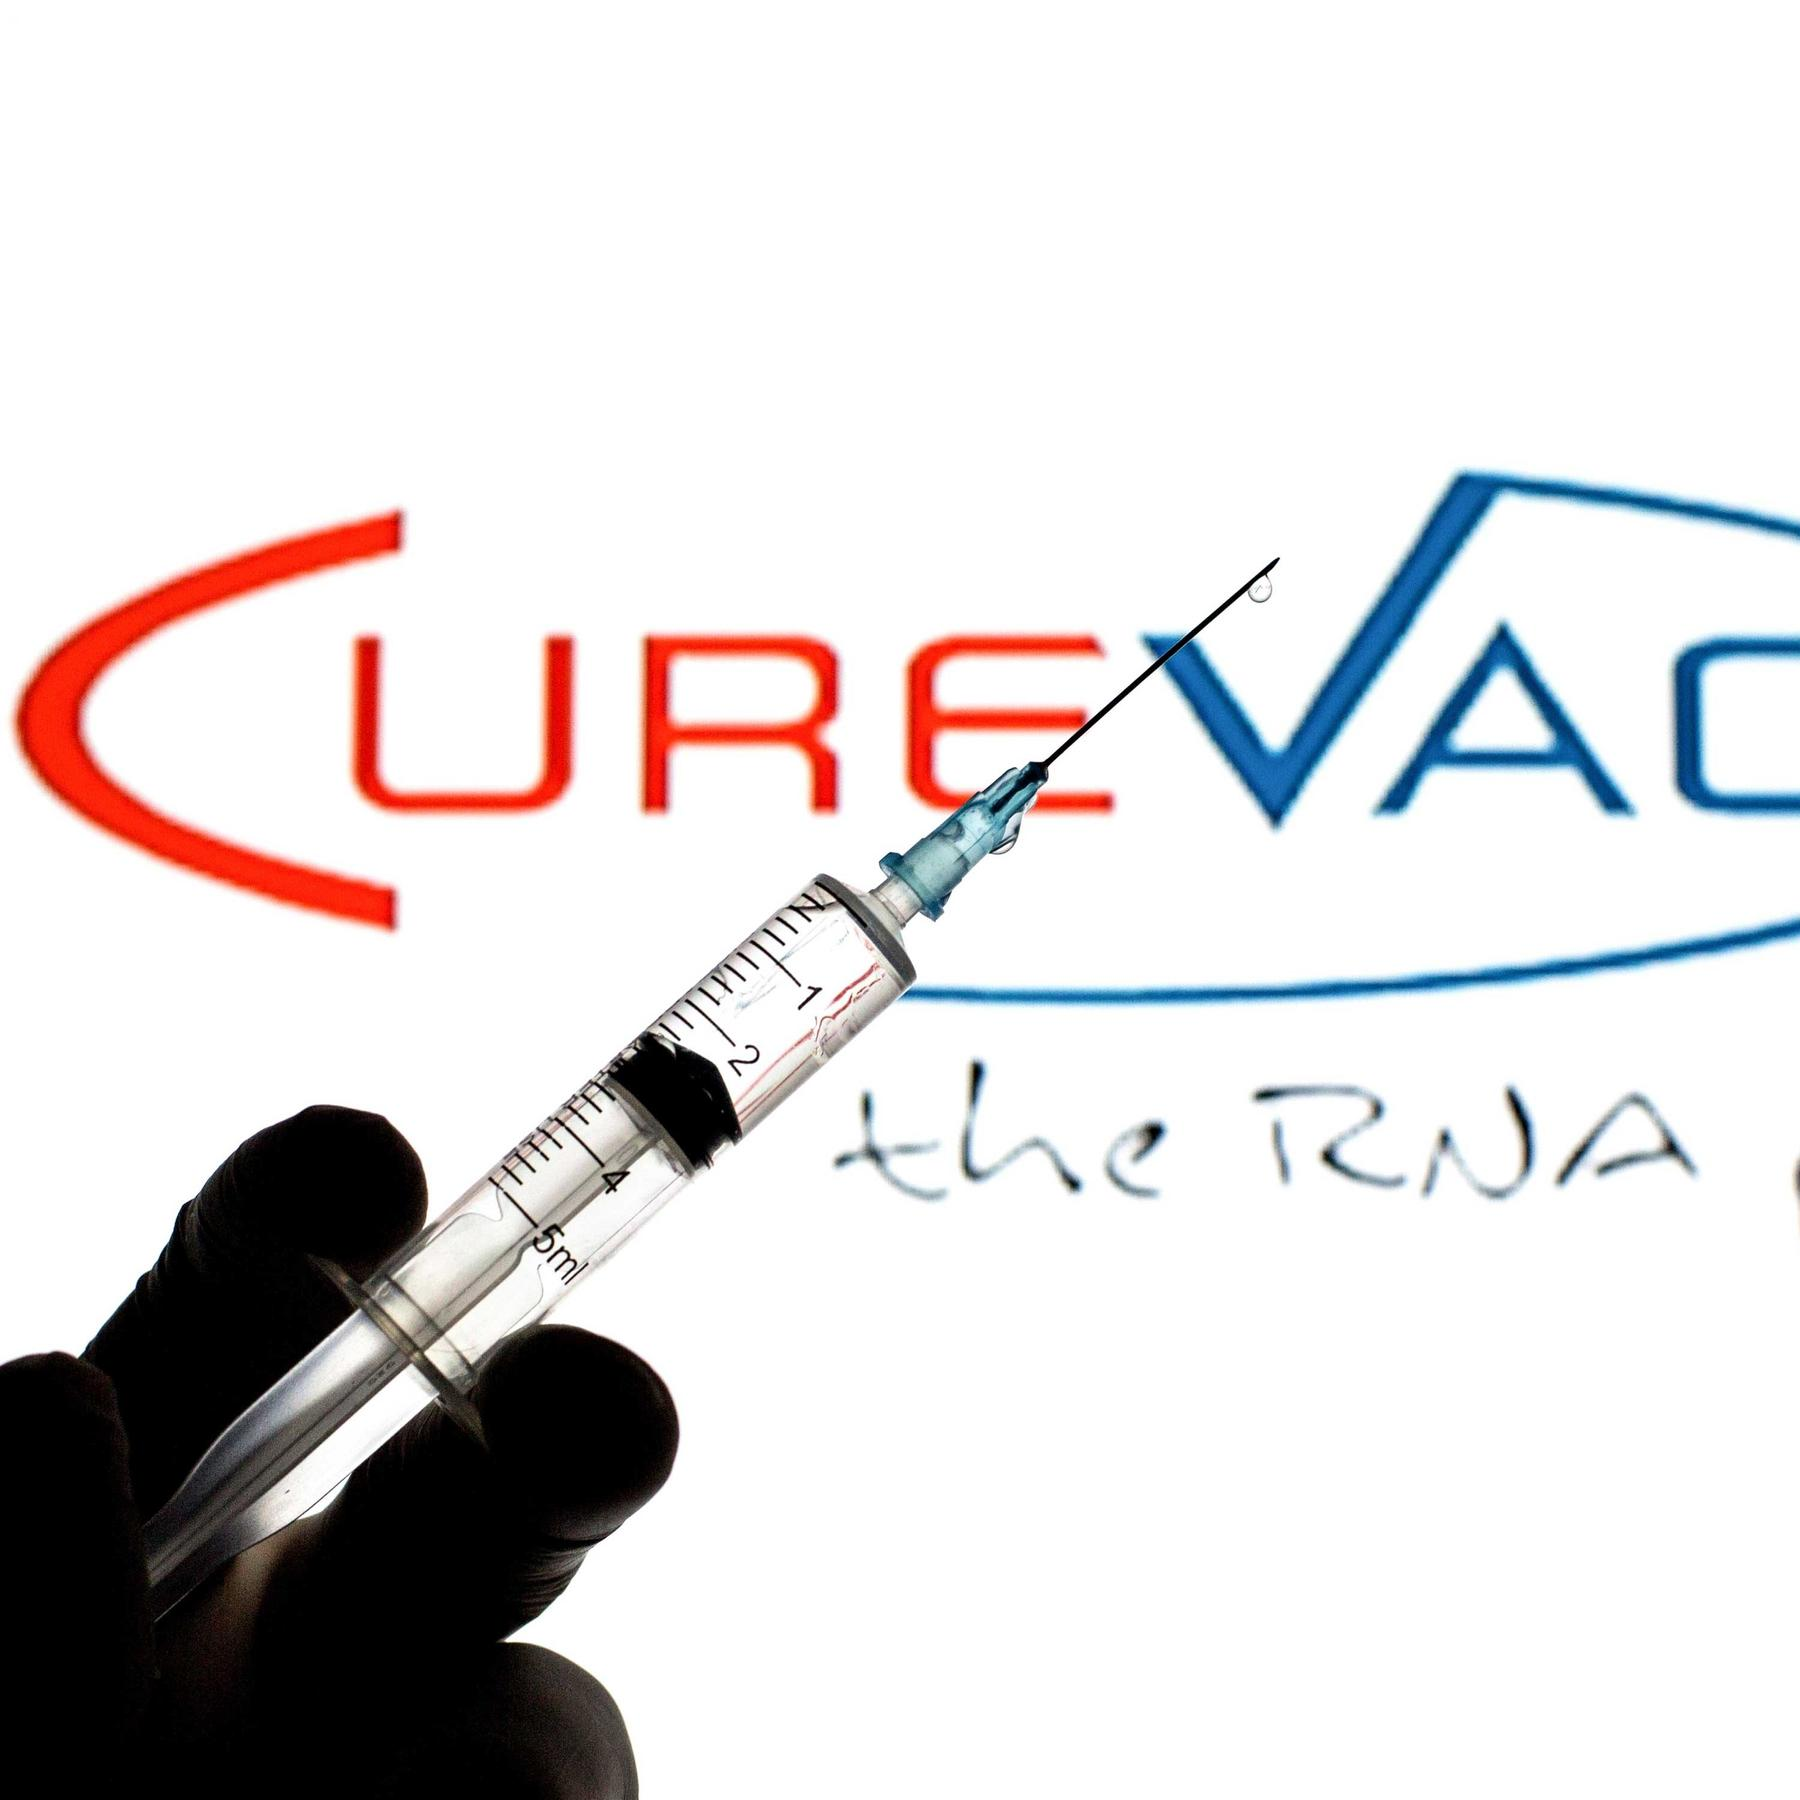 Corona-Impfstoffe - Welche Folgen hat der Rückschlag bei Curevac?